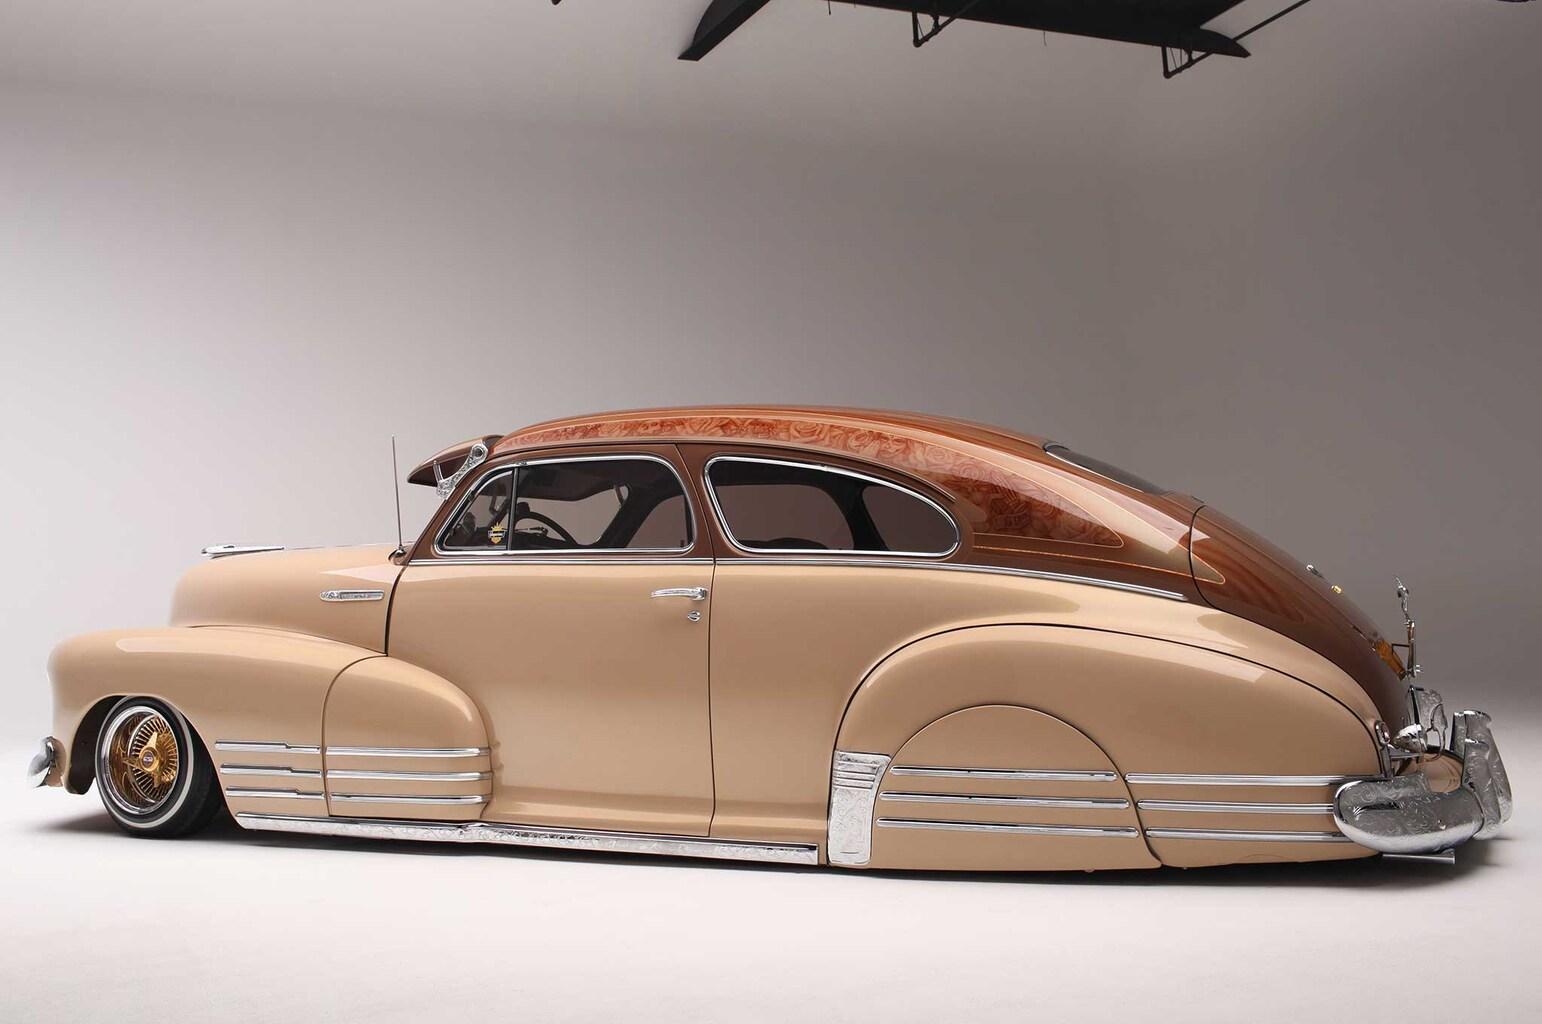 Chevrolet fleetline interior bing images for 1947 chevy fleetline 4 door